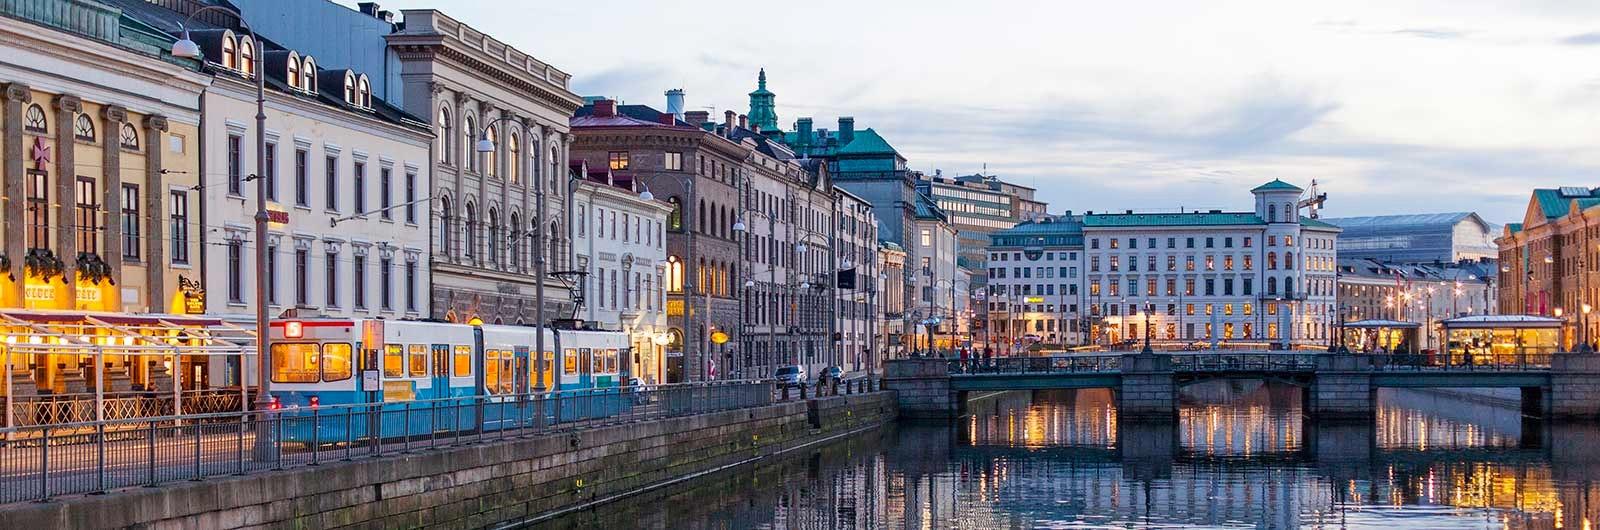 Byggnader och vatten i Göteborg